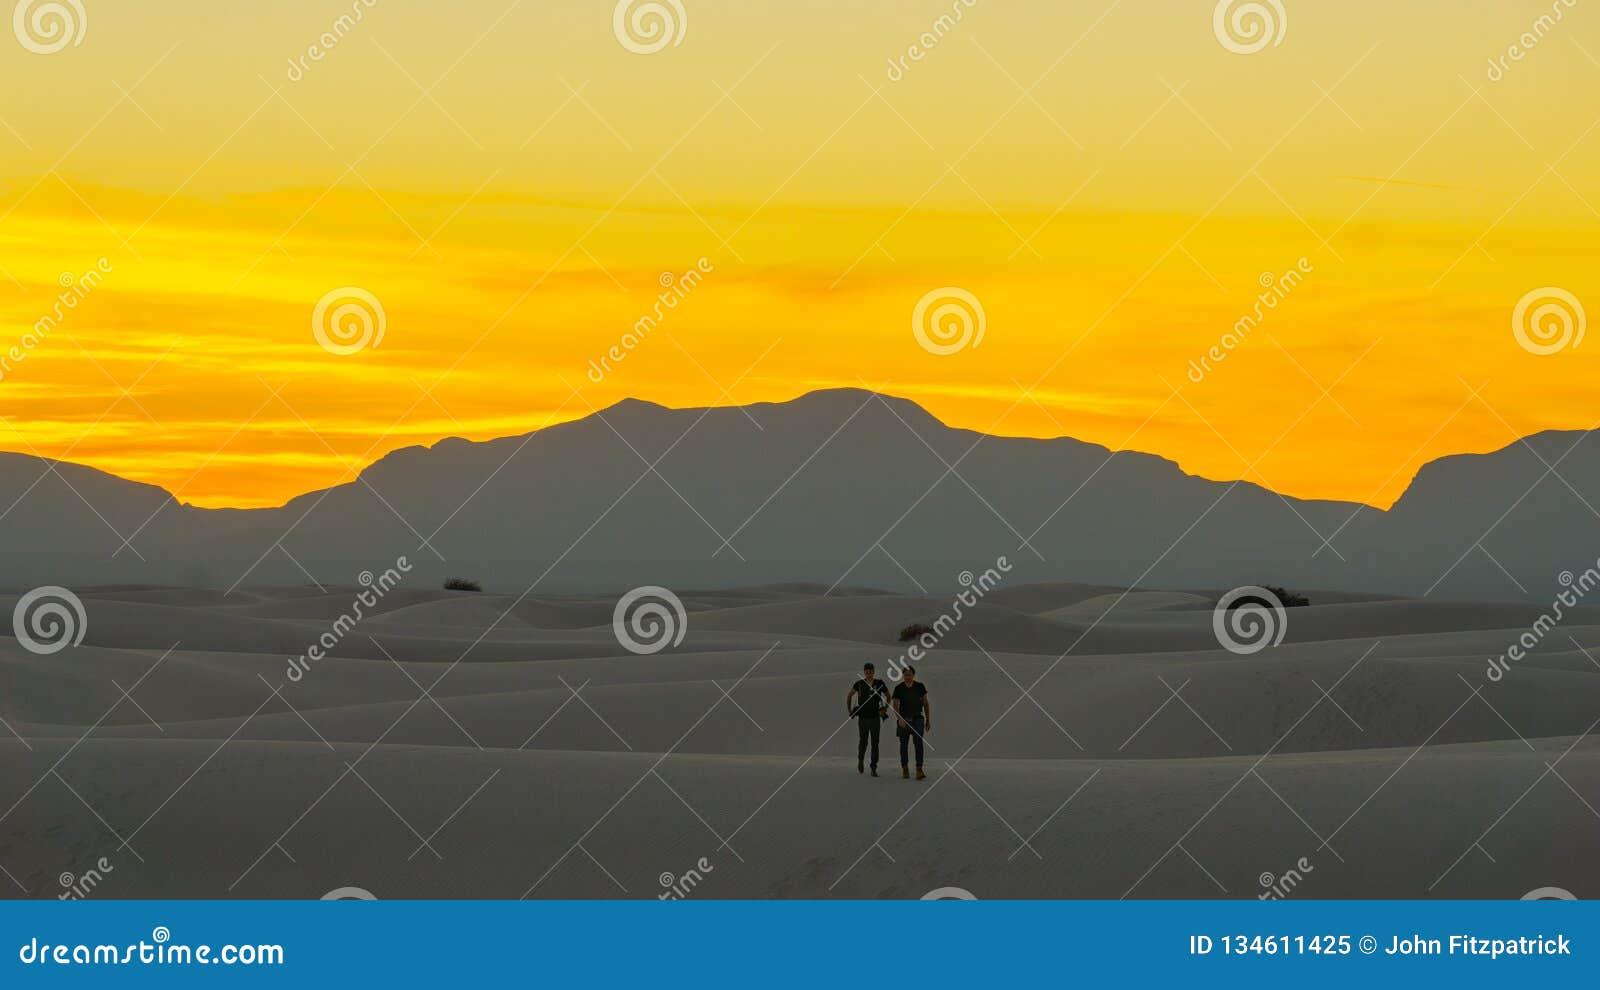 Recente Zonsondergang over het Woestijn Witte Zand van New Mexico